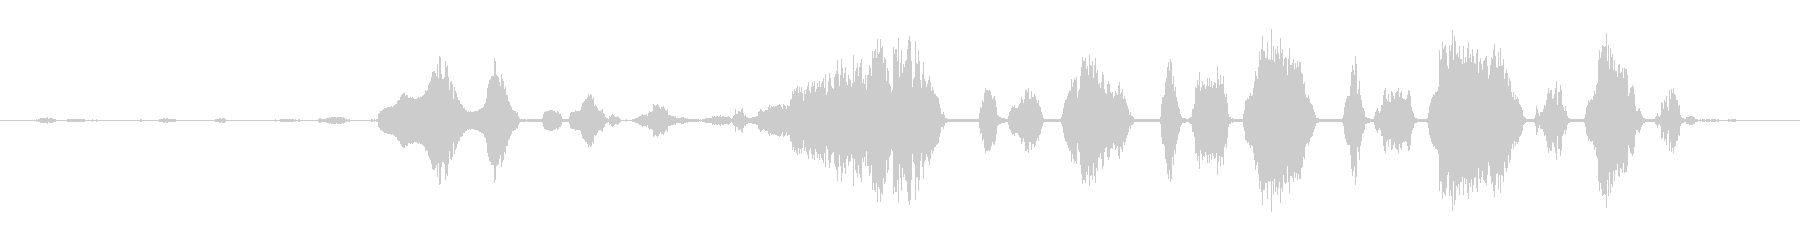 ロバ 泣く04の未再生の波形